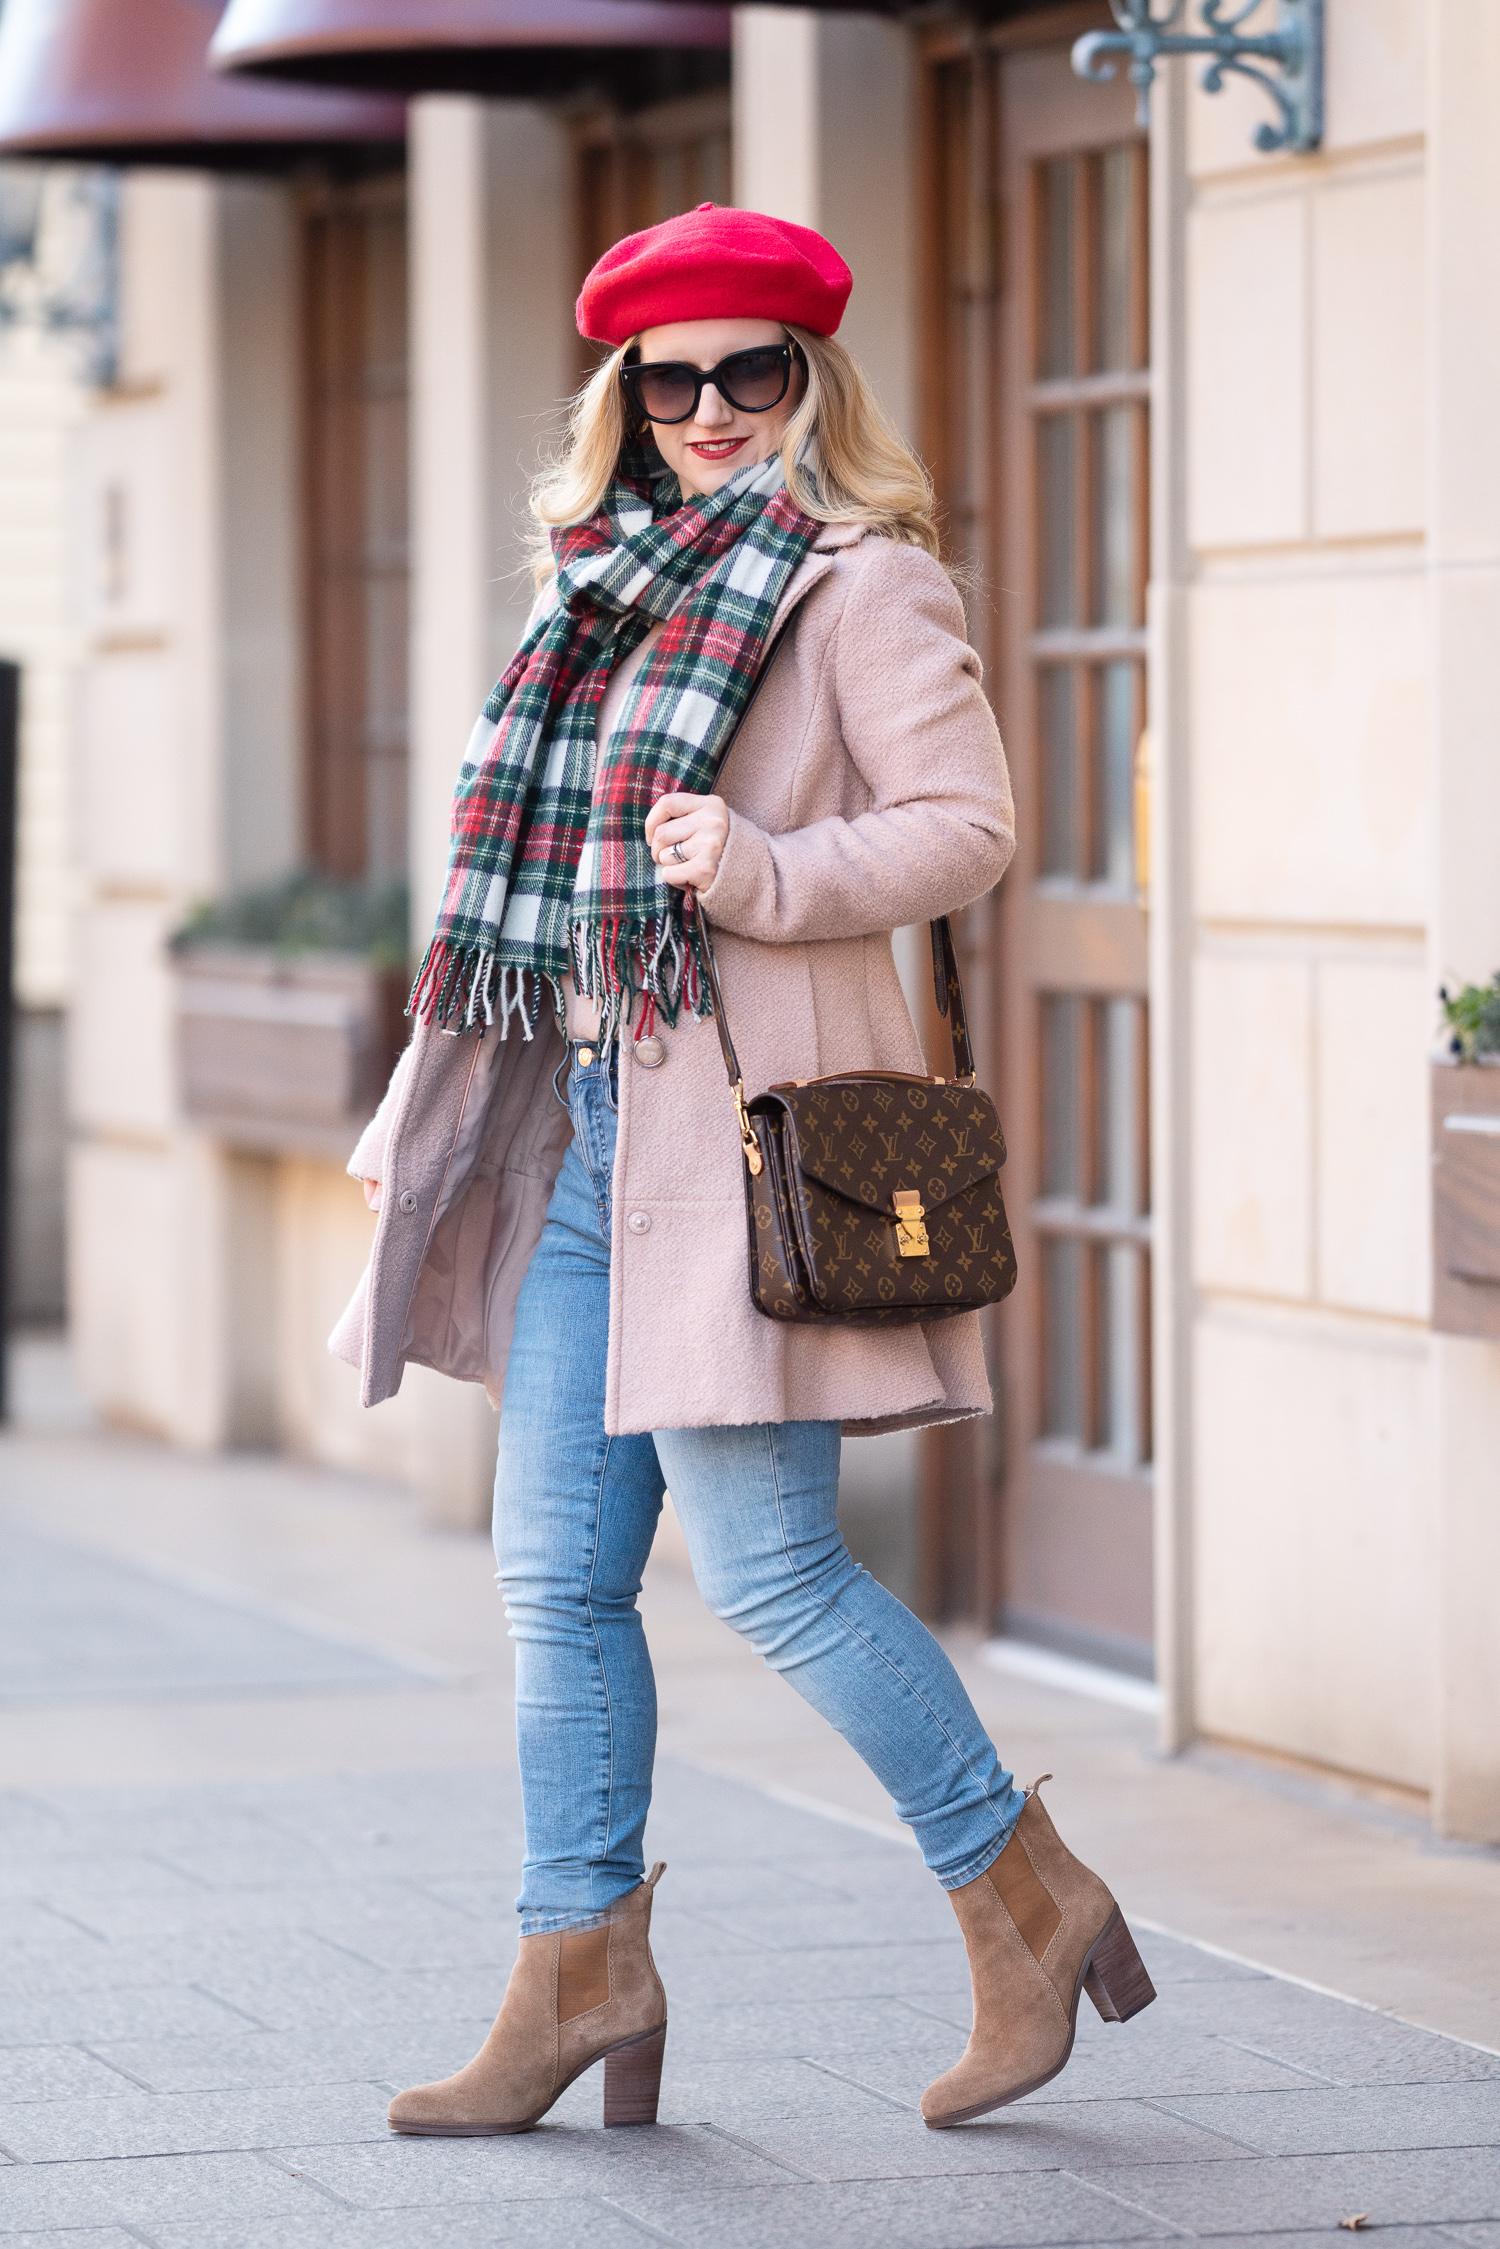 d688d3655fec Petite Fashion and Style Blog